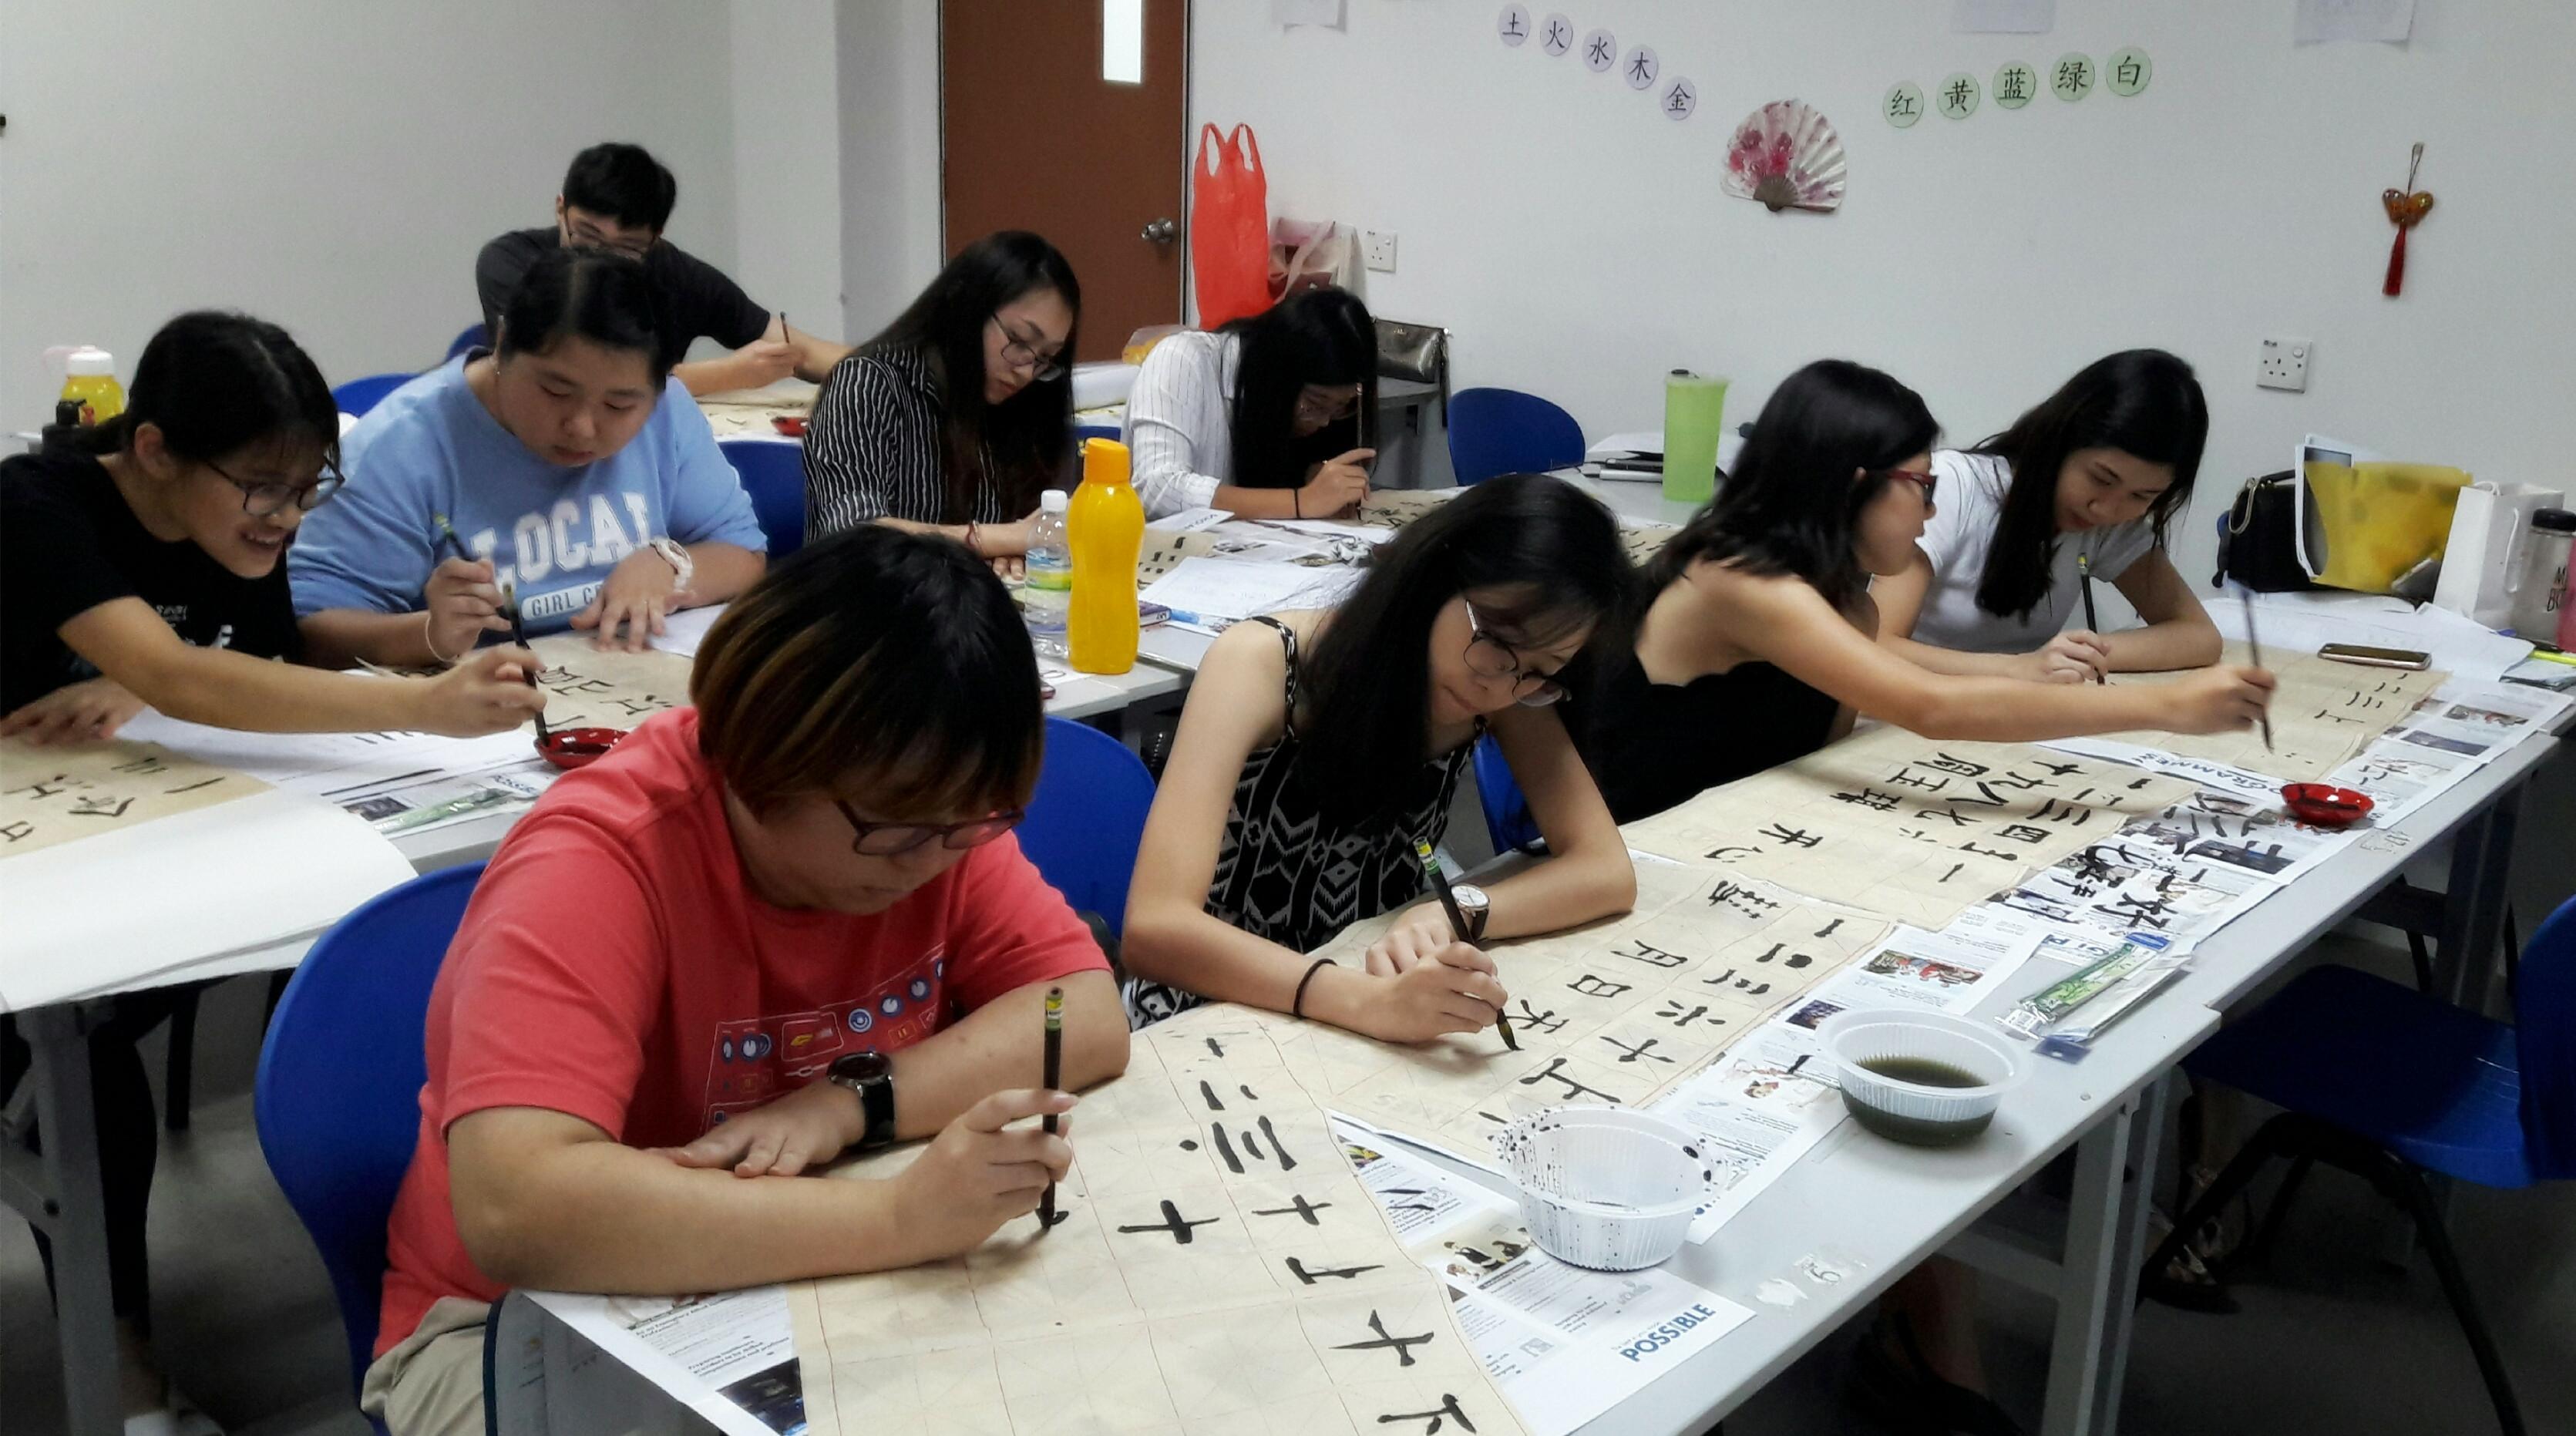 """马来西亚世纪大学孔子学院举办""""我的孔院故事-初识笔墨""""文化活动"""